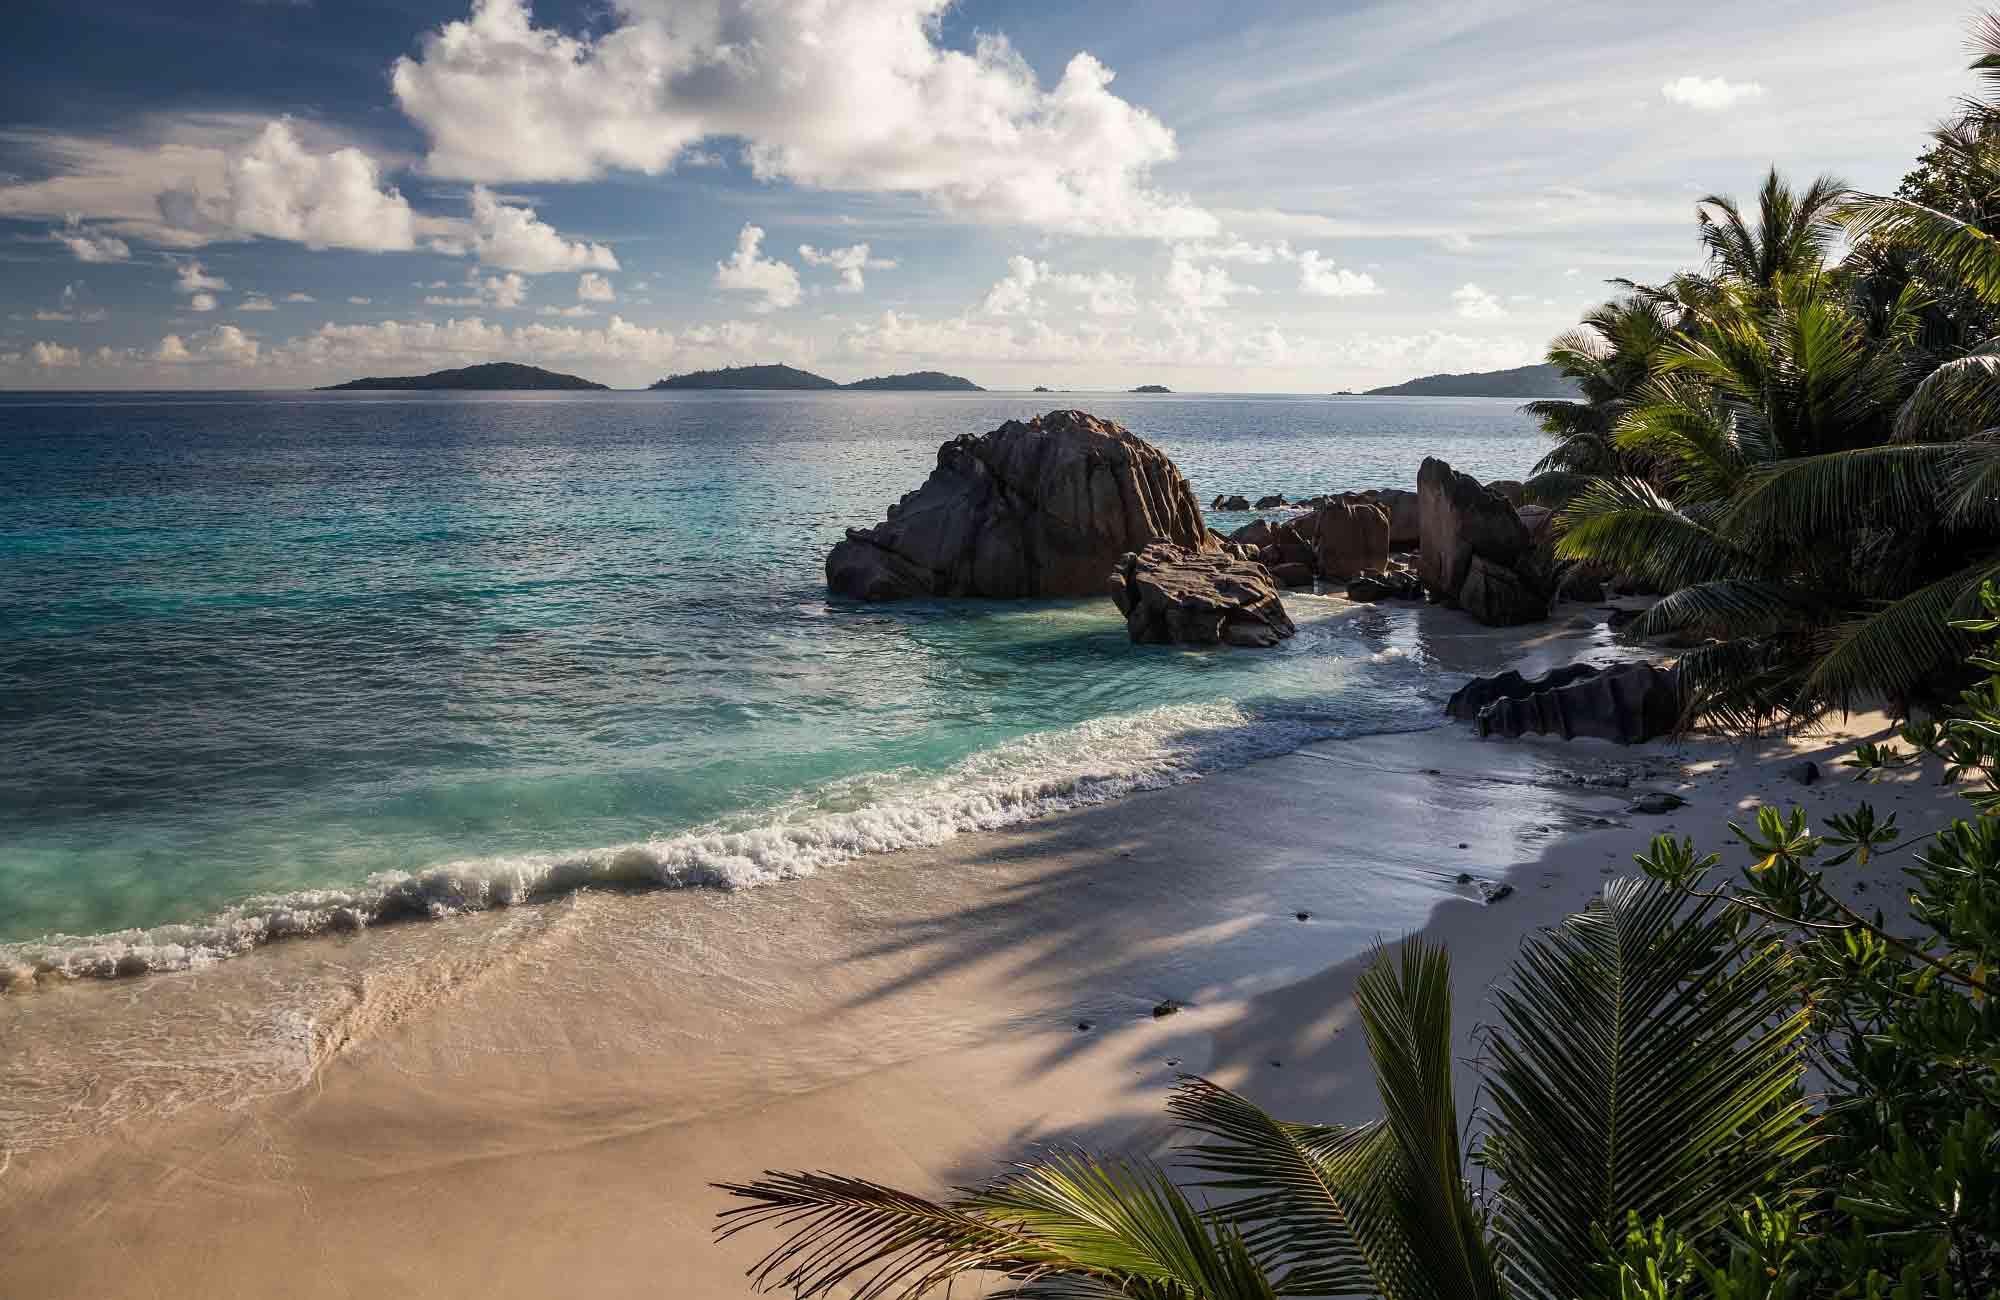 Voyage Seychelles - Ile de la Digue - Amplitudes